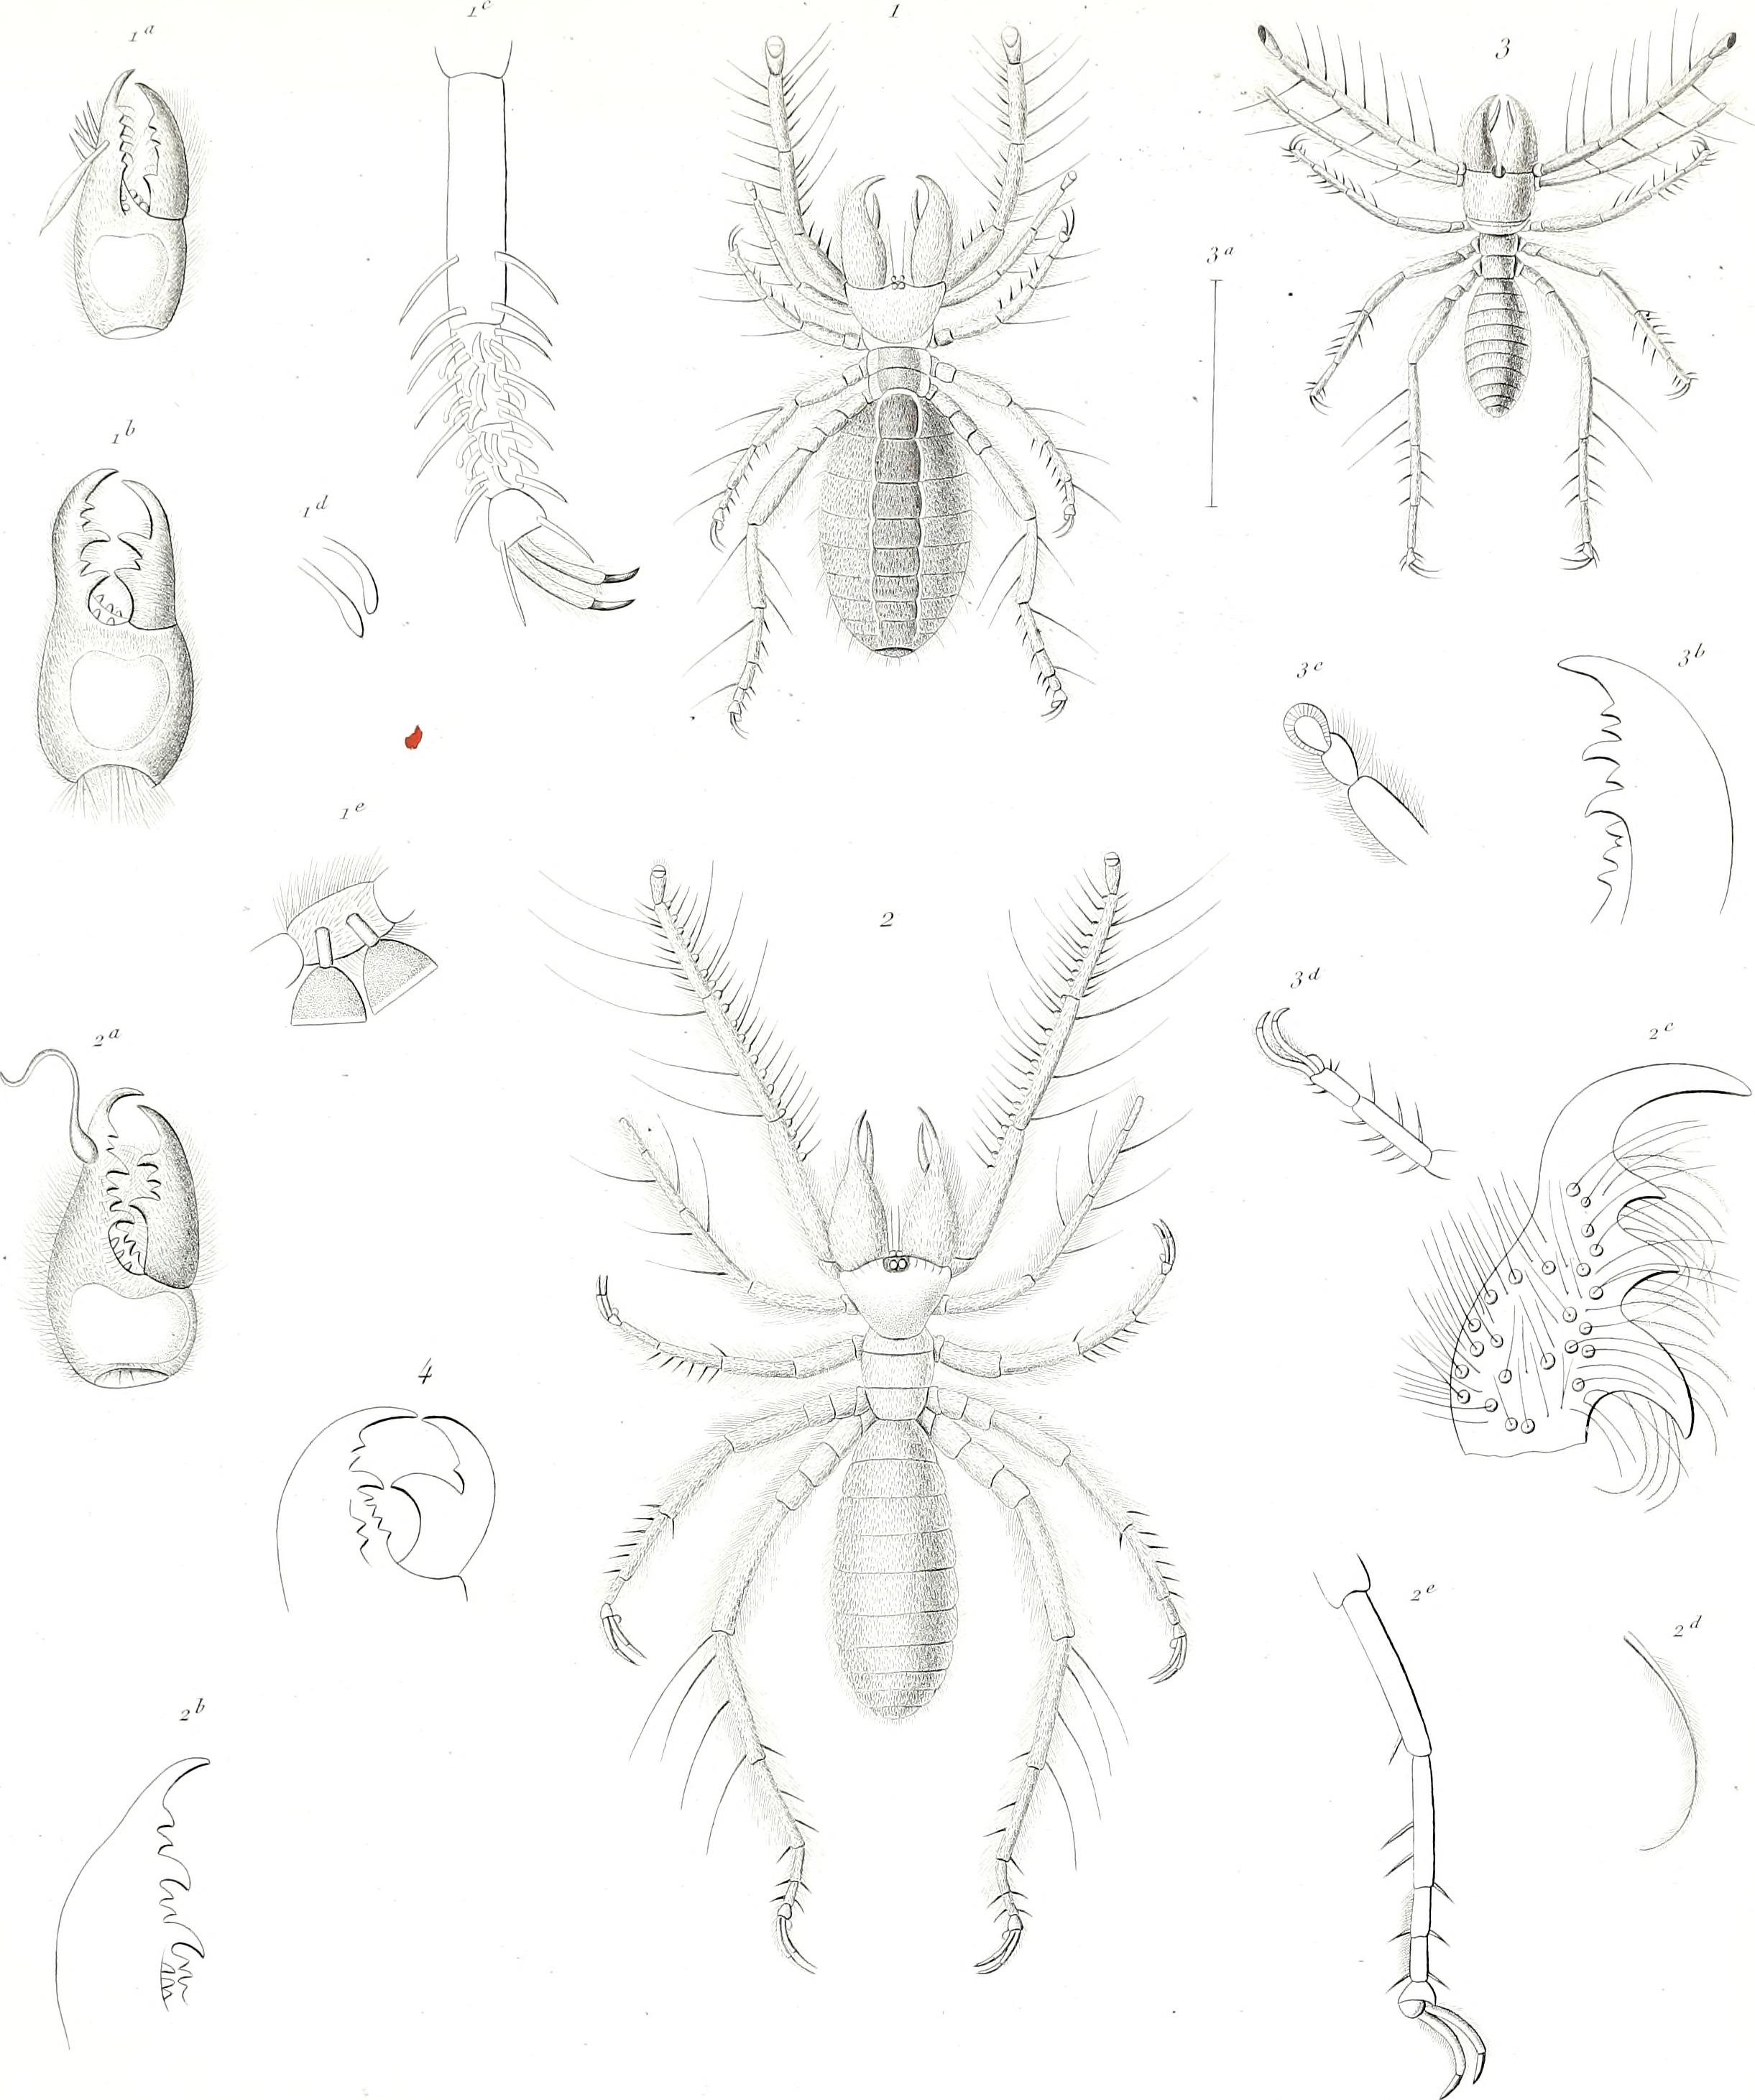 Image of Galeodidae